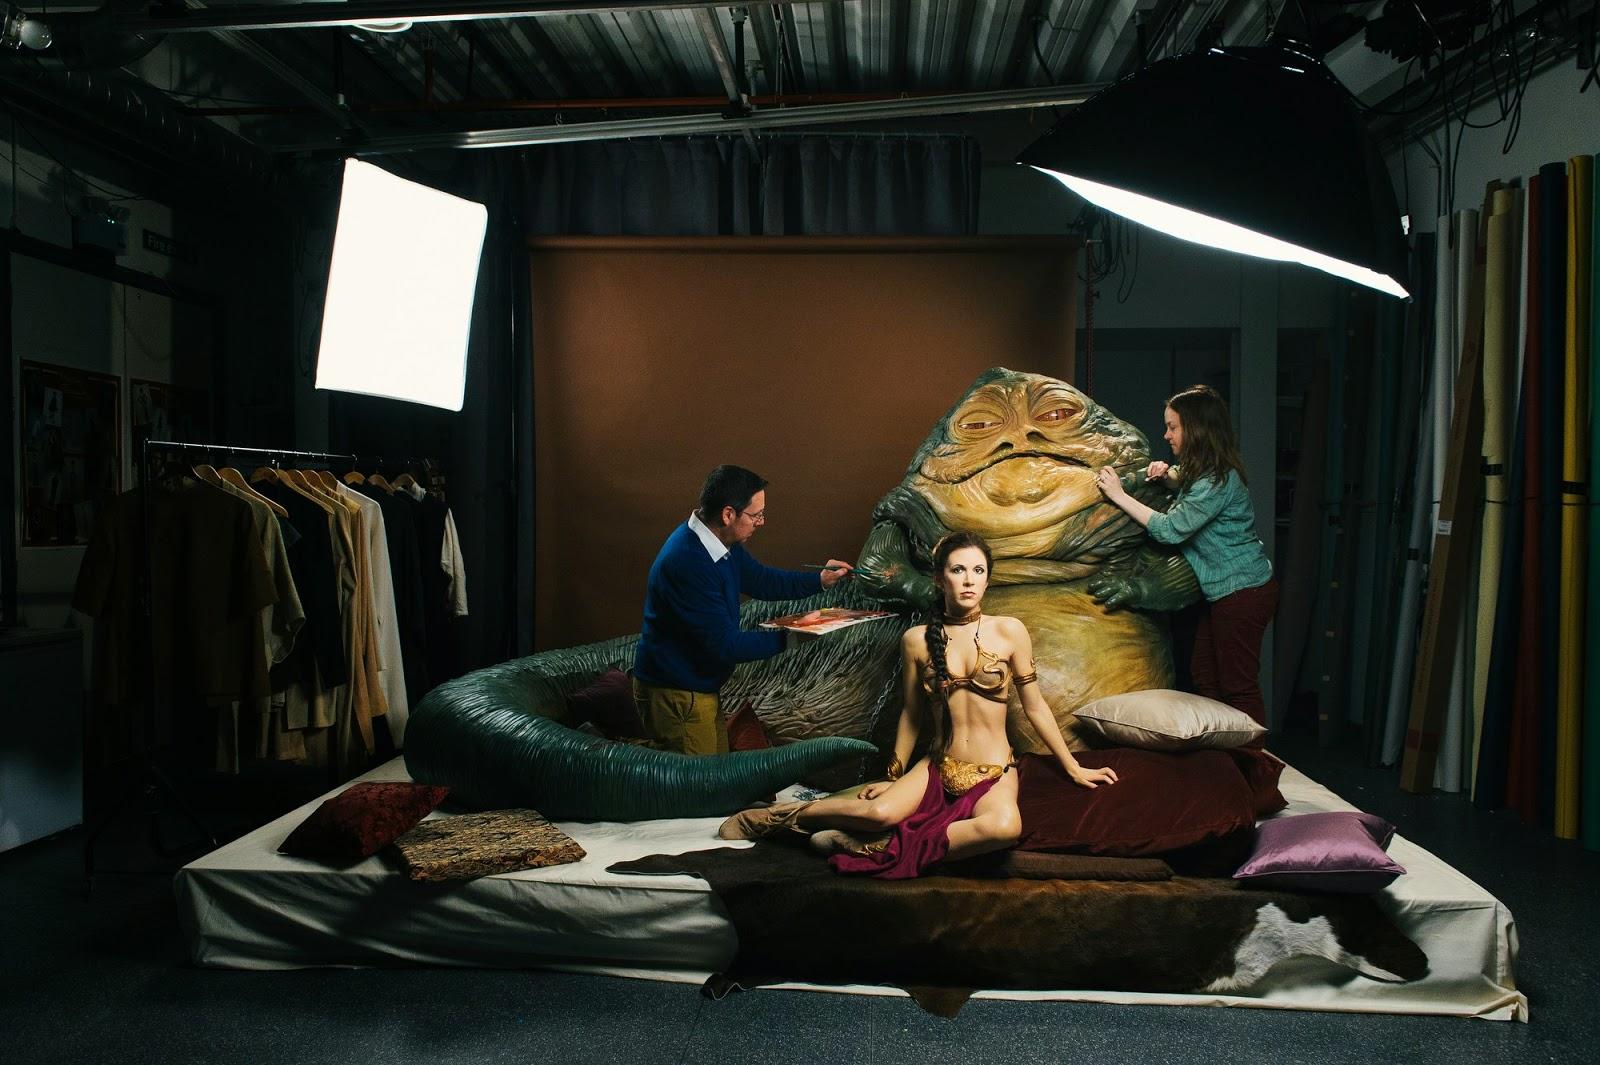 wax figure prince leia Tussauds